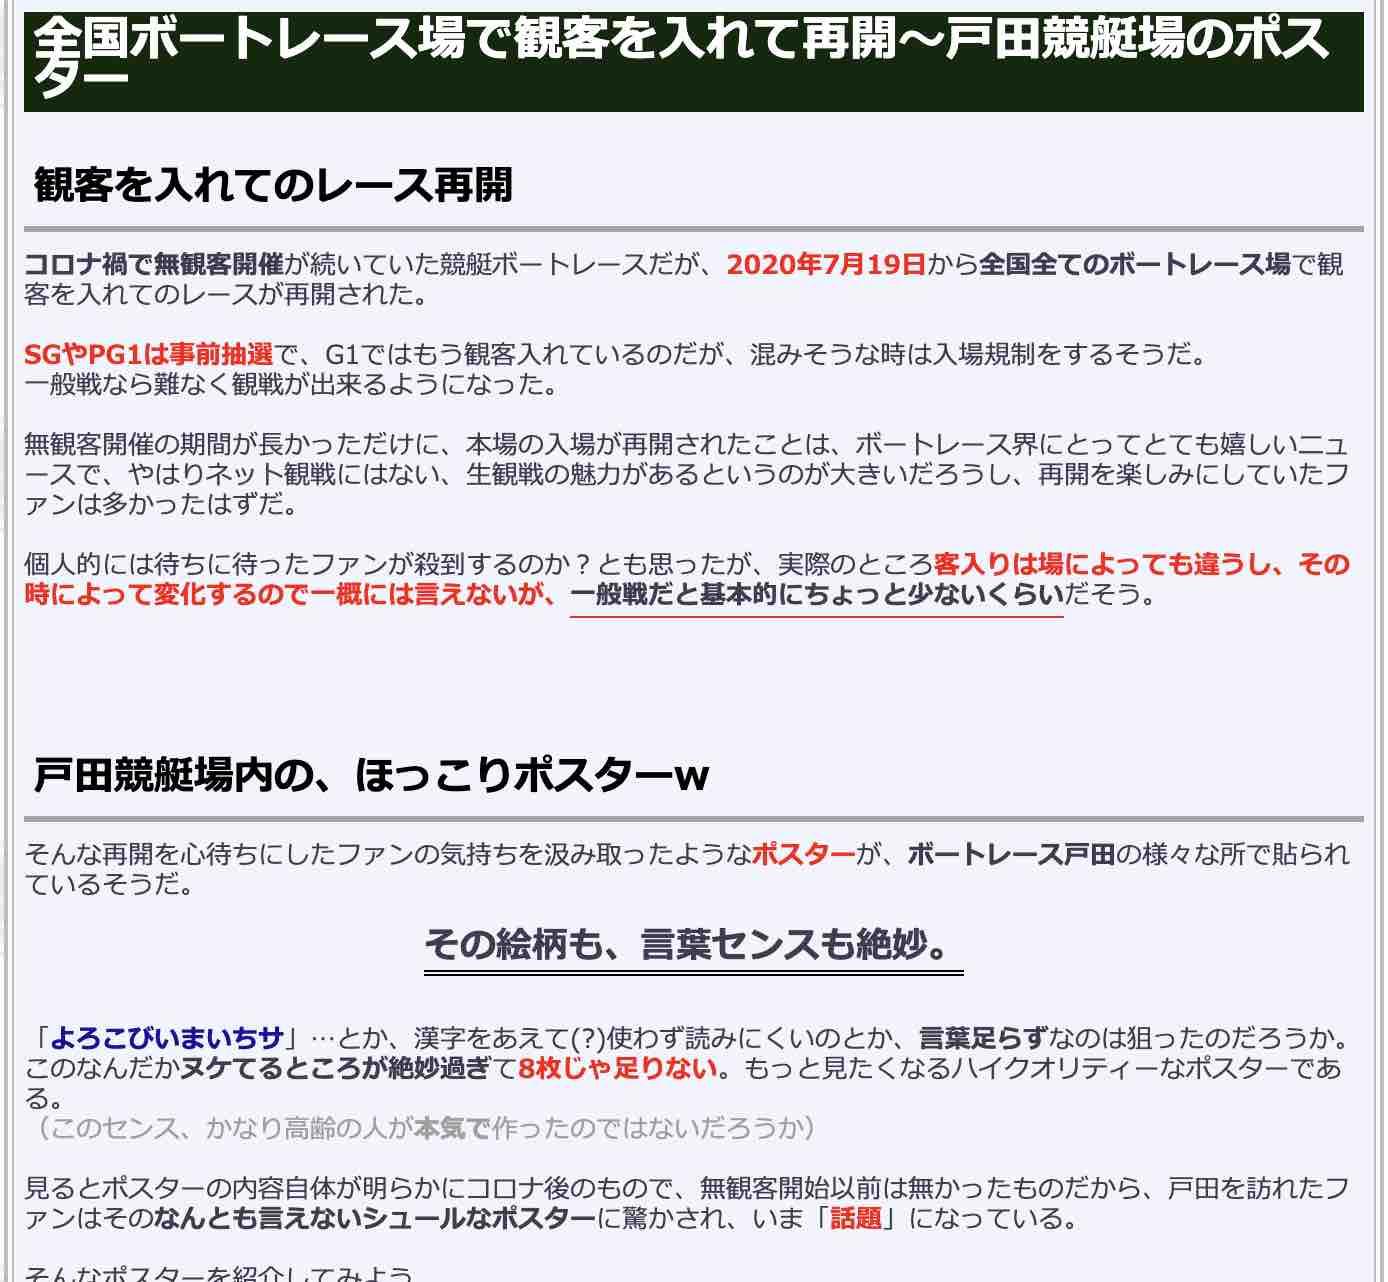 競艇検証.comの競艇コラム「全国ボートレース場で観客を入れて再開〜戸田競艇場のポスター」